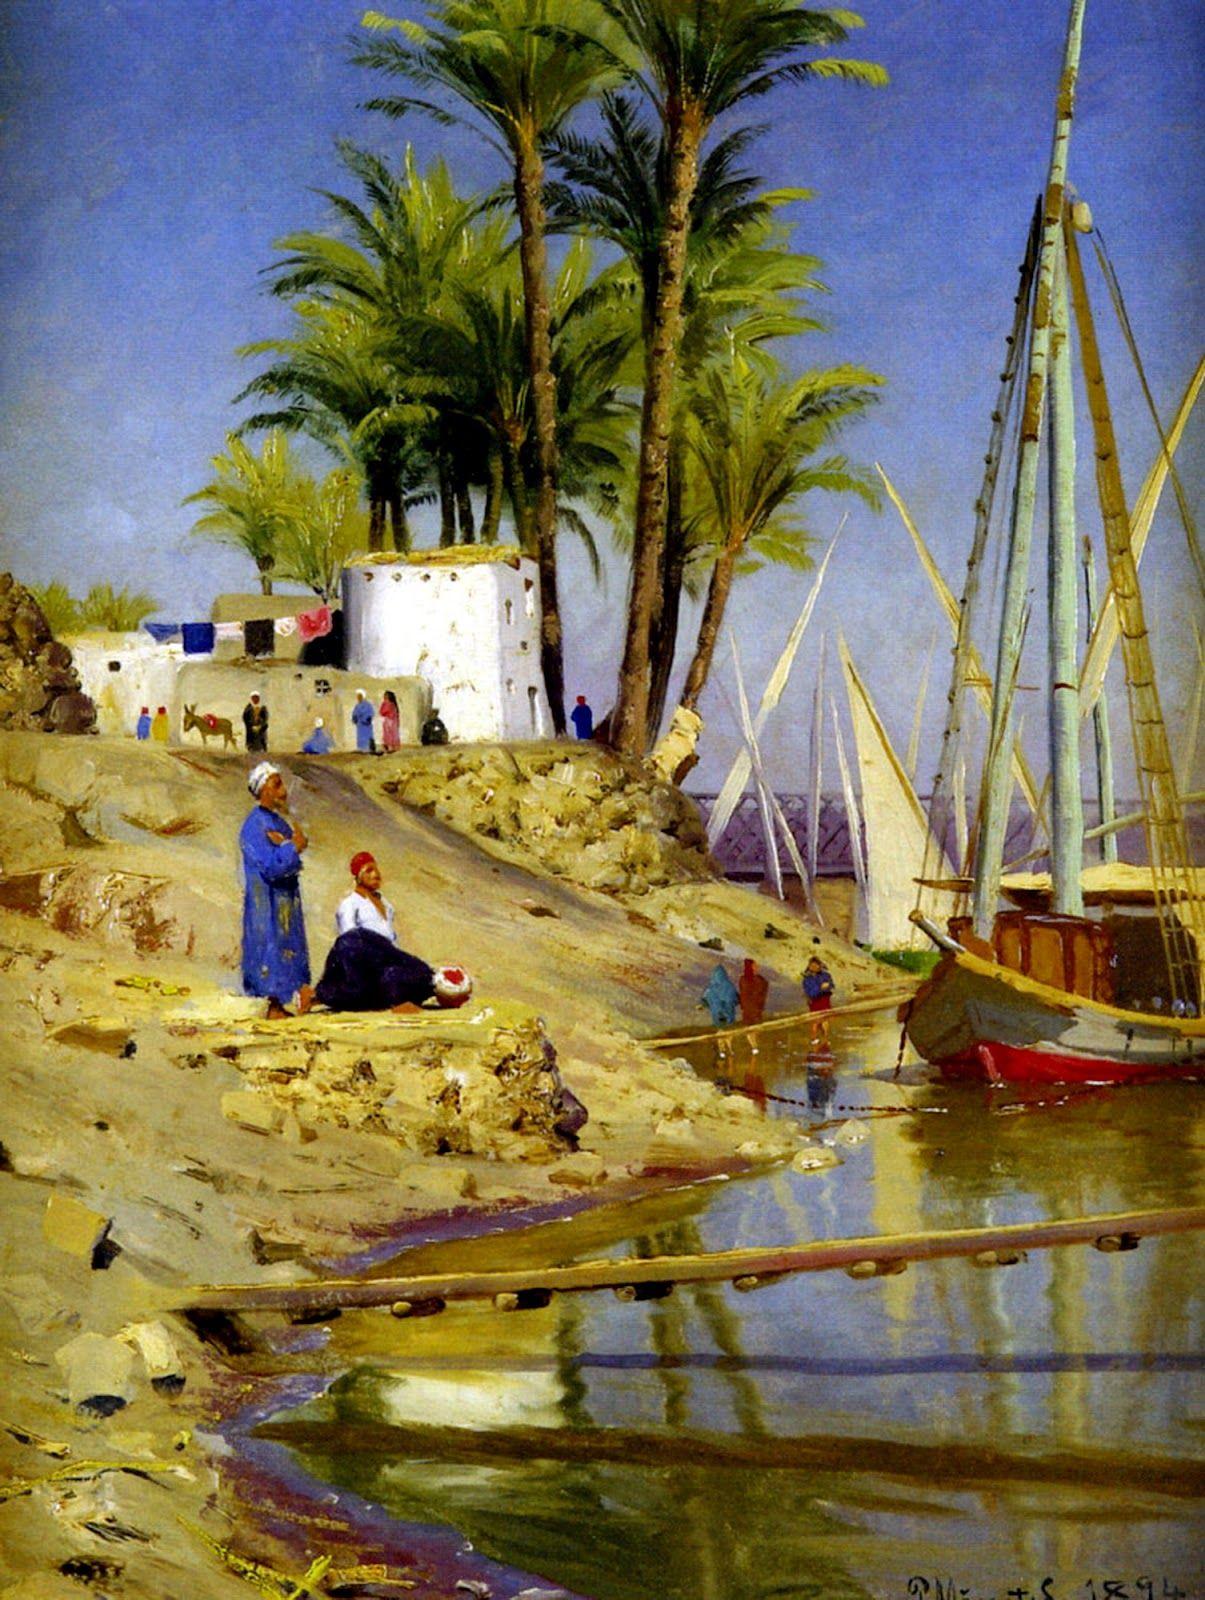 Epingle Par Sahra Kent Sur Art Peintre Orientaliste Peinture Orientaliste Peintre